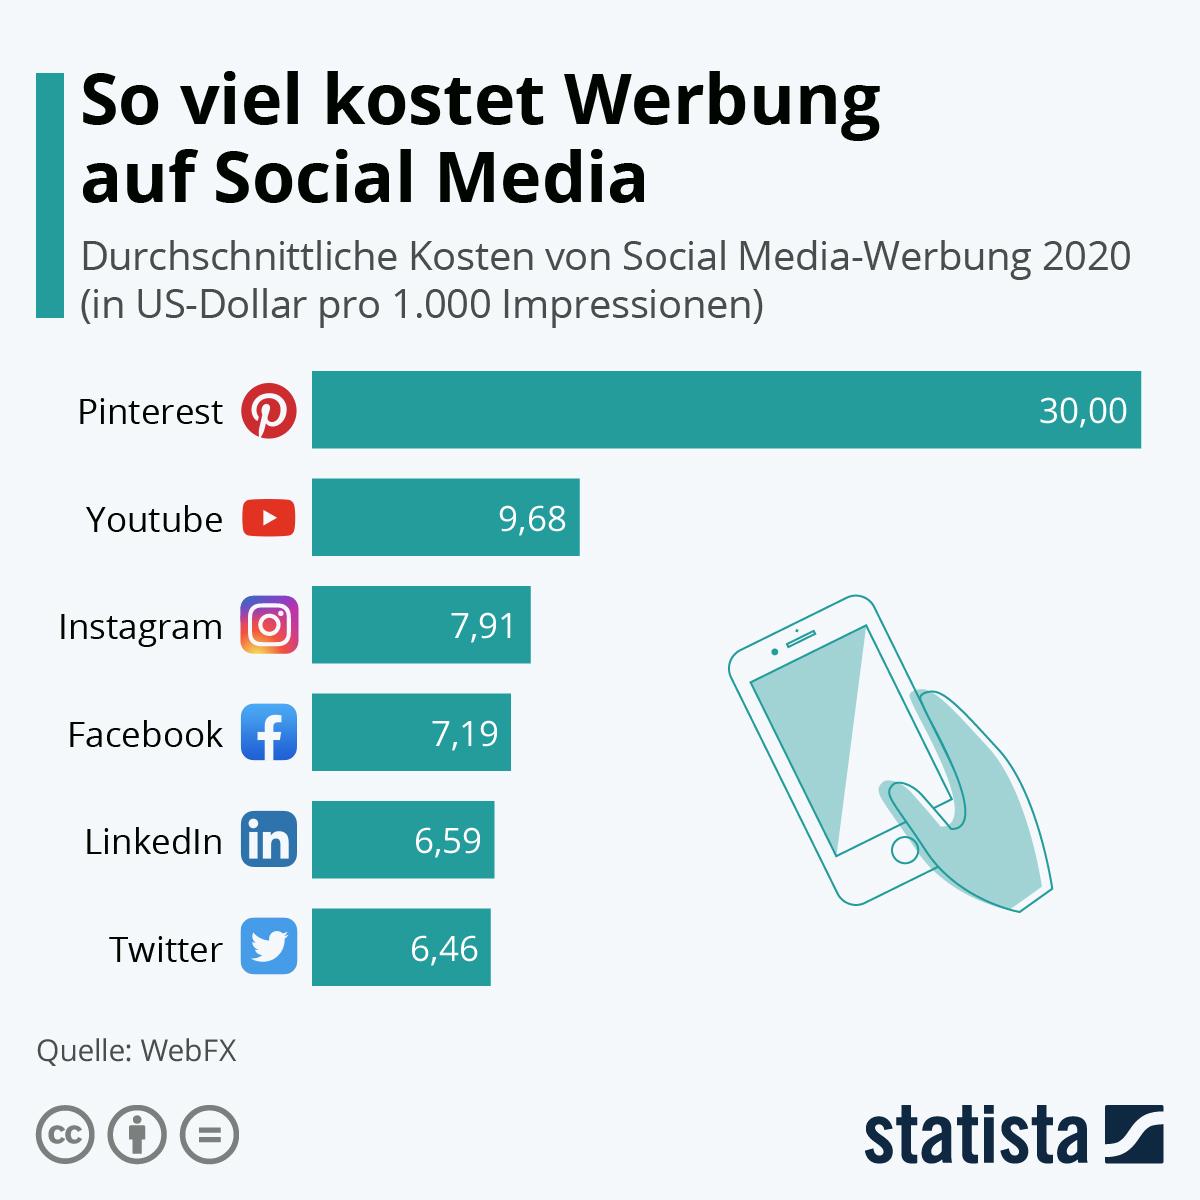 Infografik: So viel kostet Werbung auf Social Media | Statista